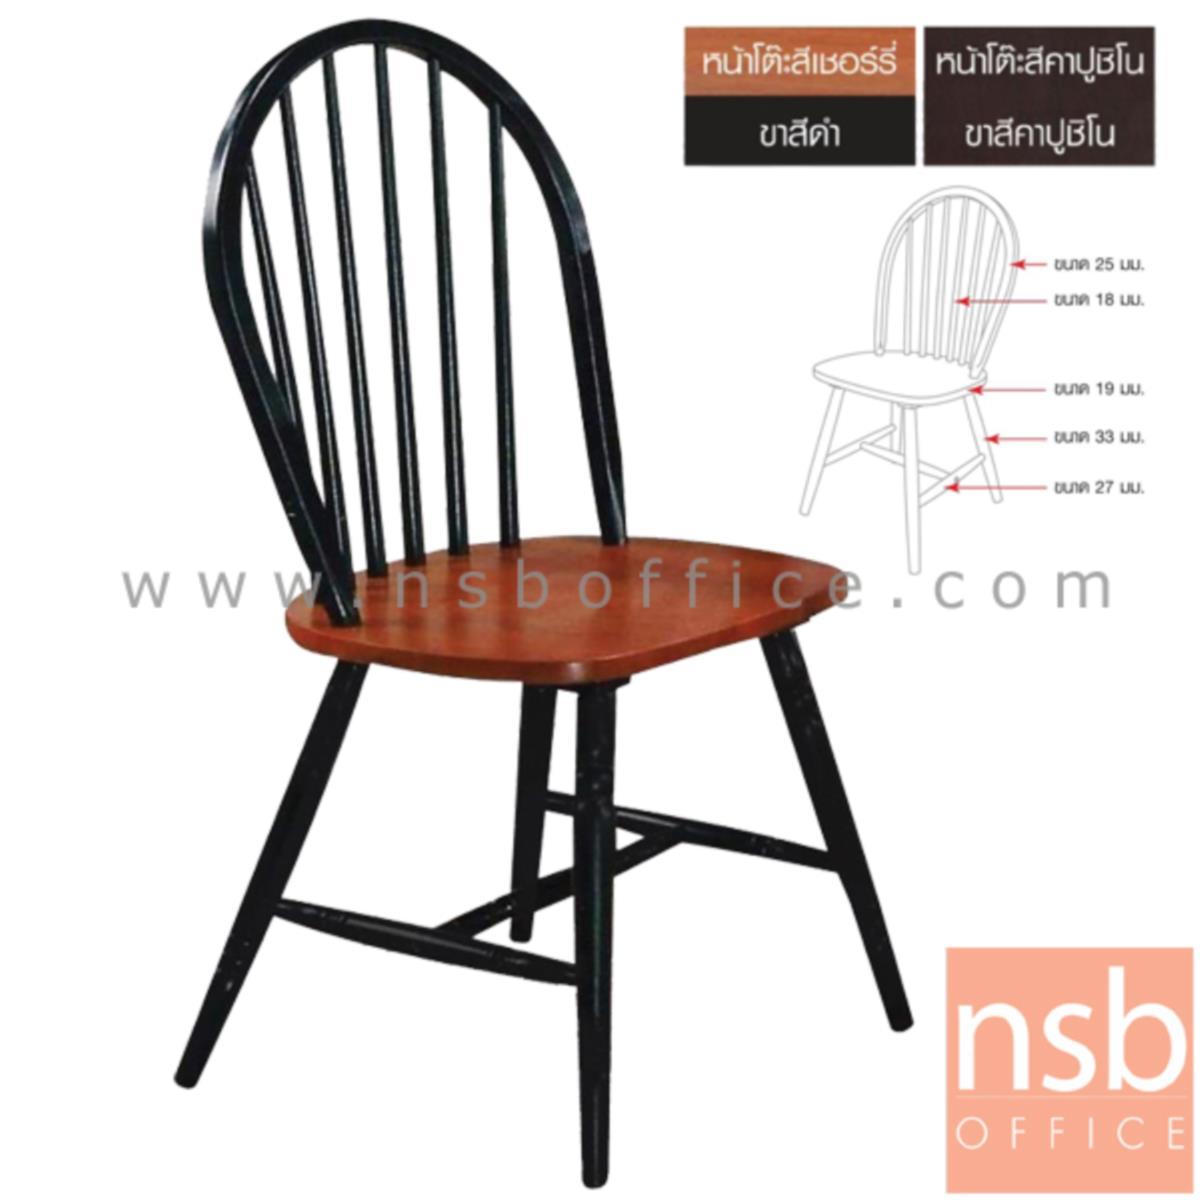 เก้าอี้โมเดิร์นไม้จริง รุ่น Comigel (โคมิเกล) ขนาด 44W cm. ขาไม้